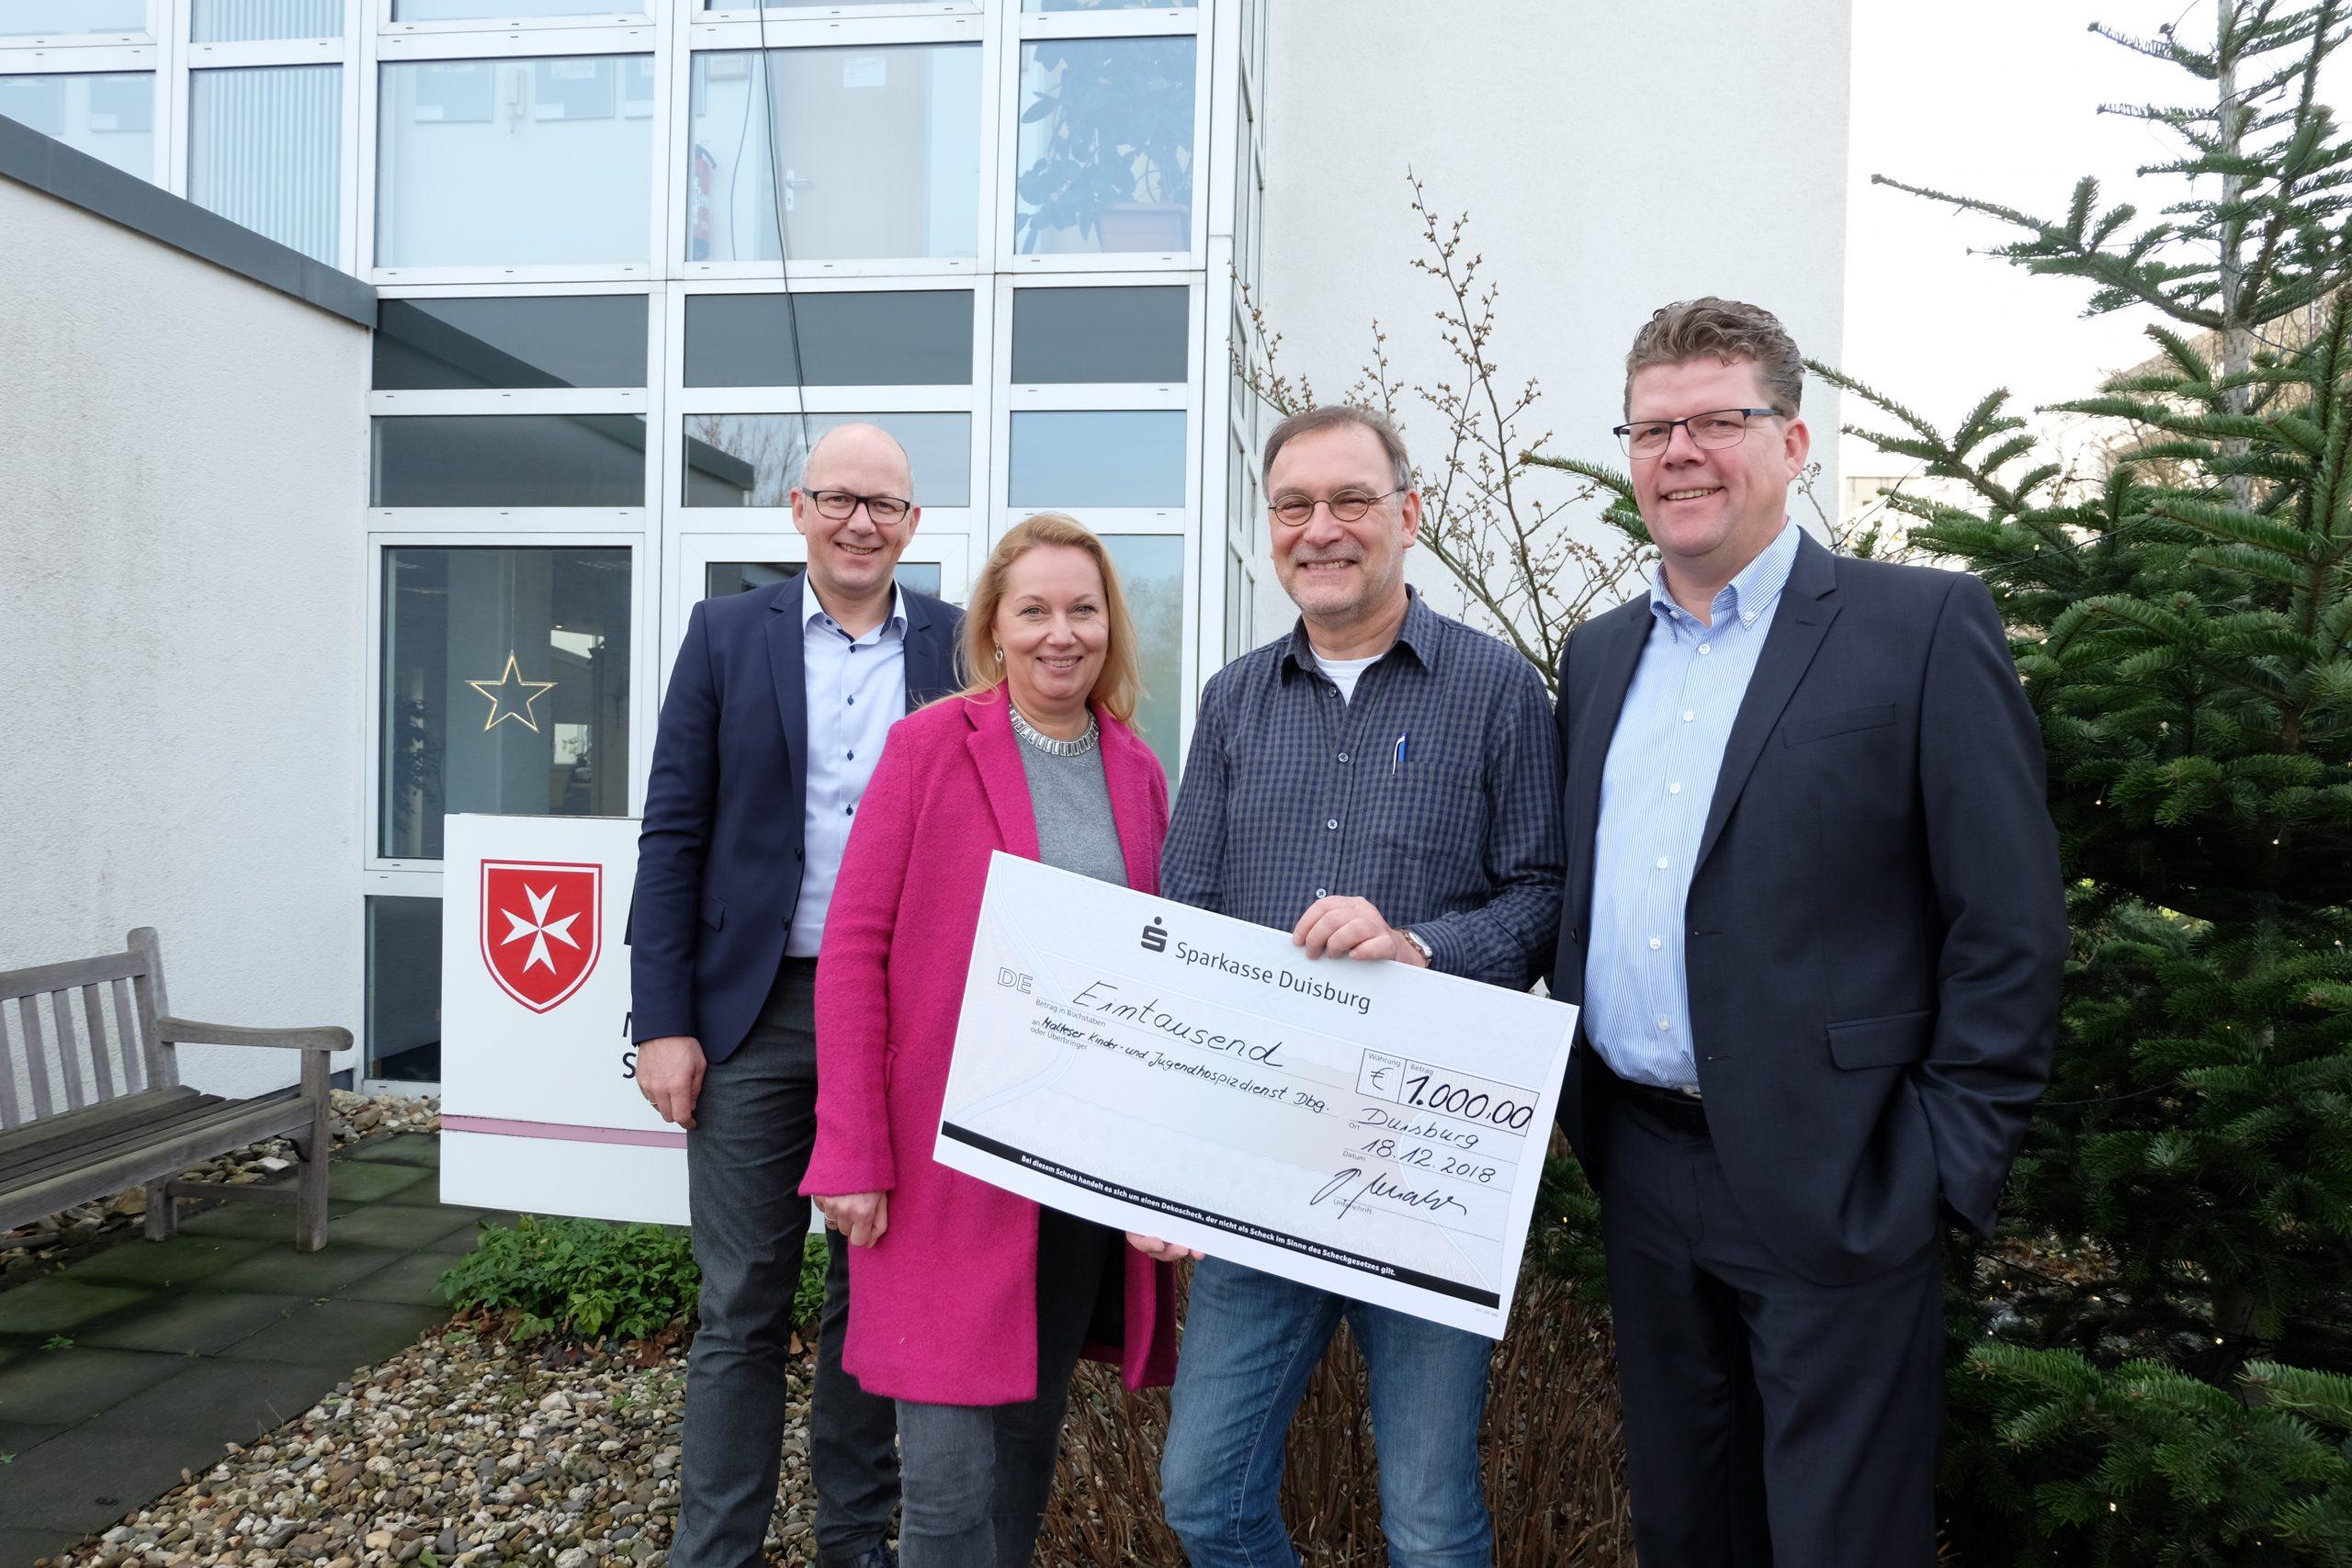 Maletz & Hoffstedde unterstützen die Kinder- und Jugendhospizarbeit in Duisburg 7